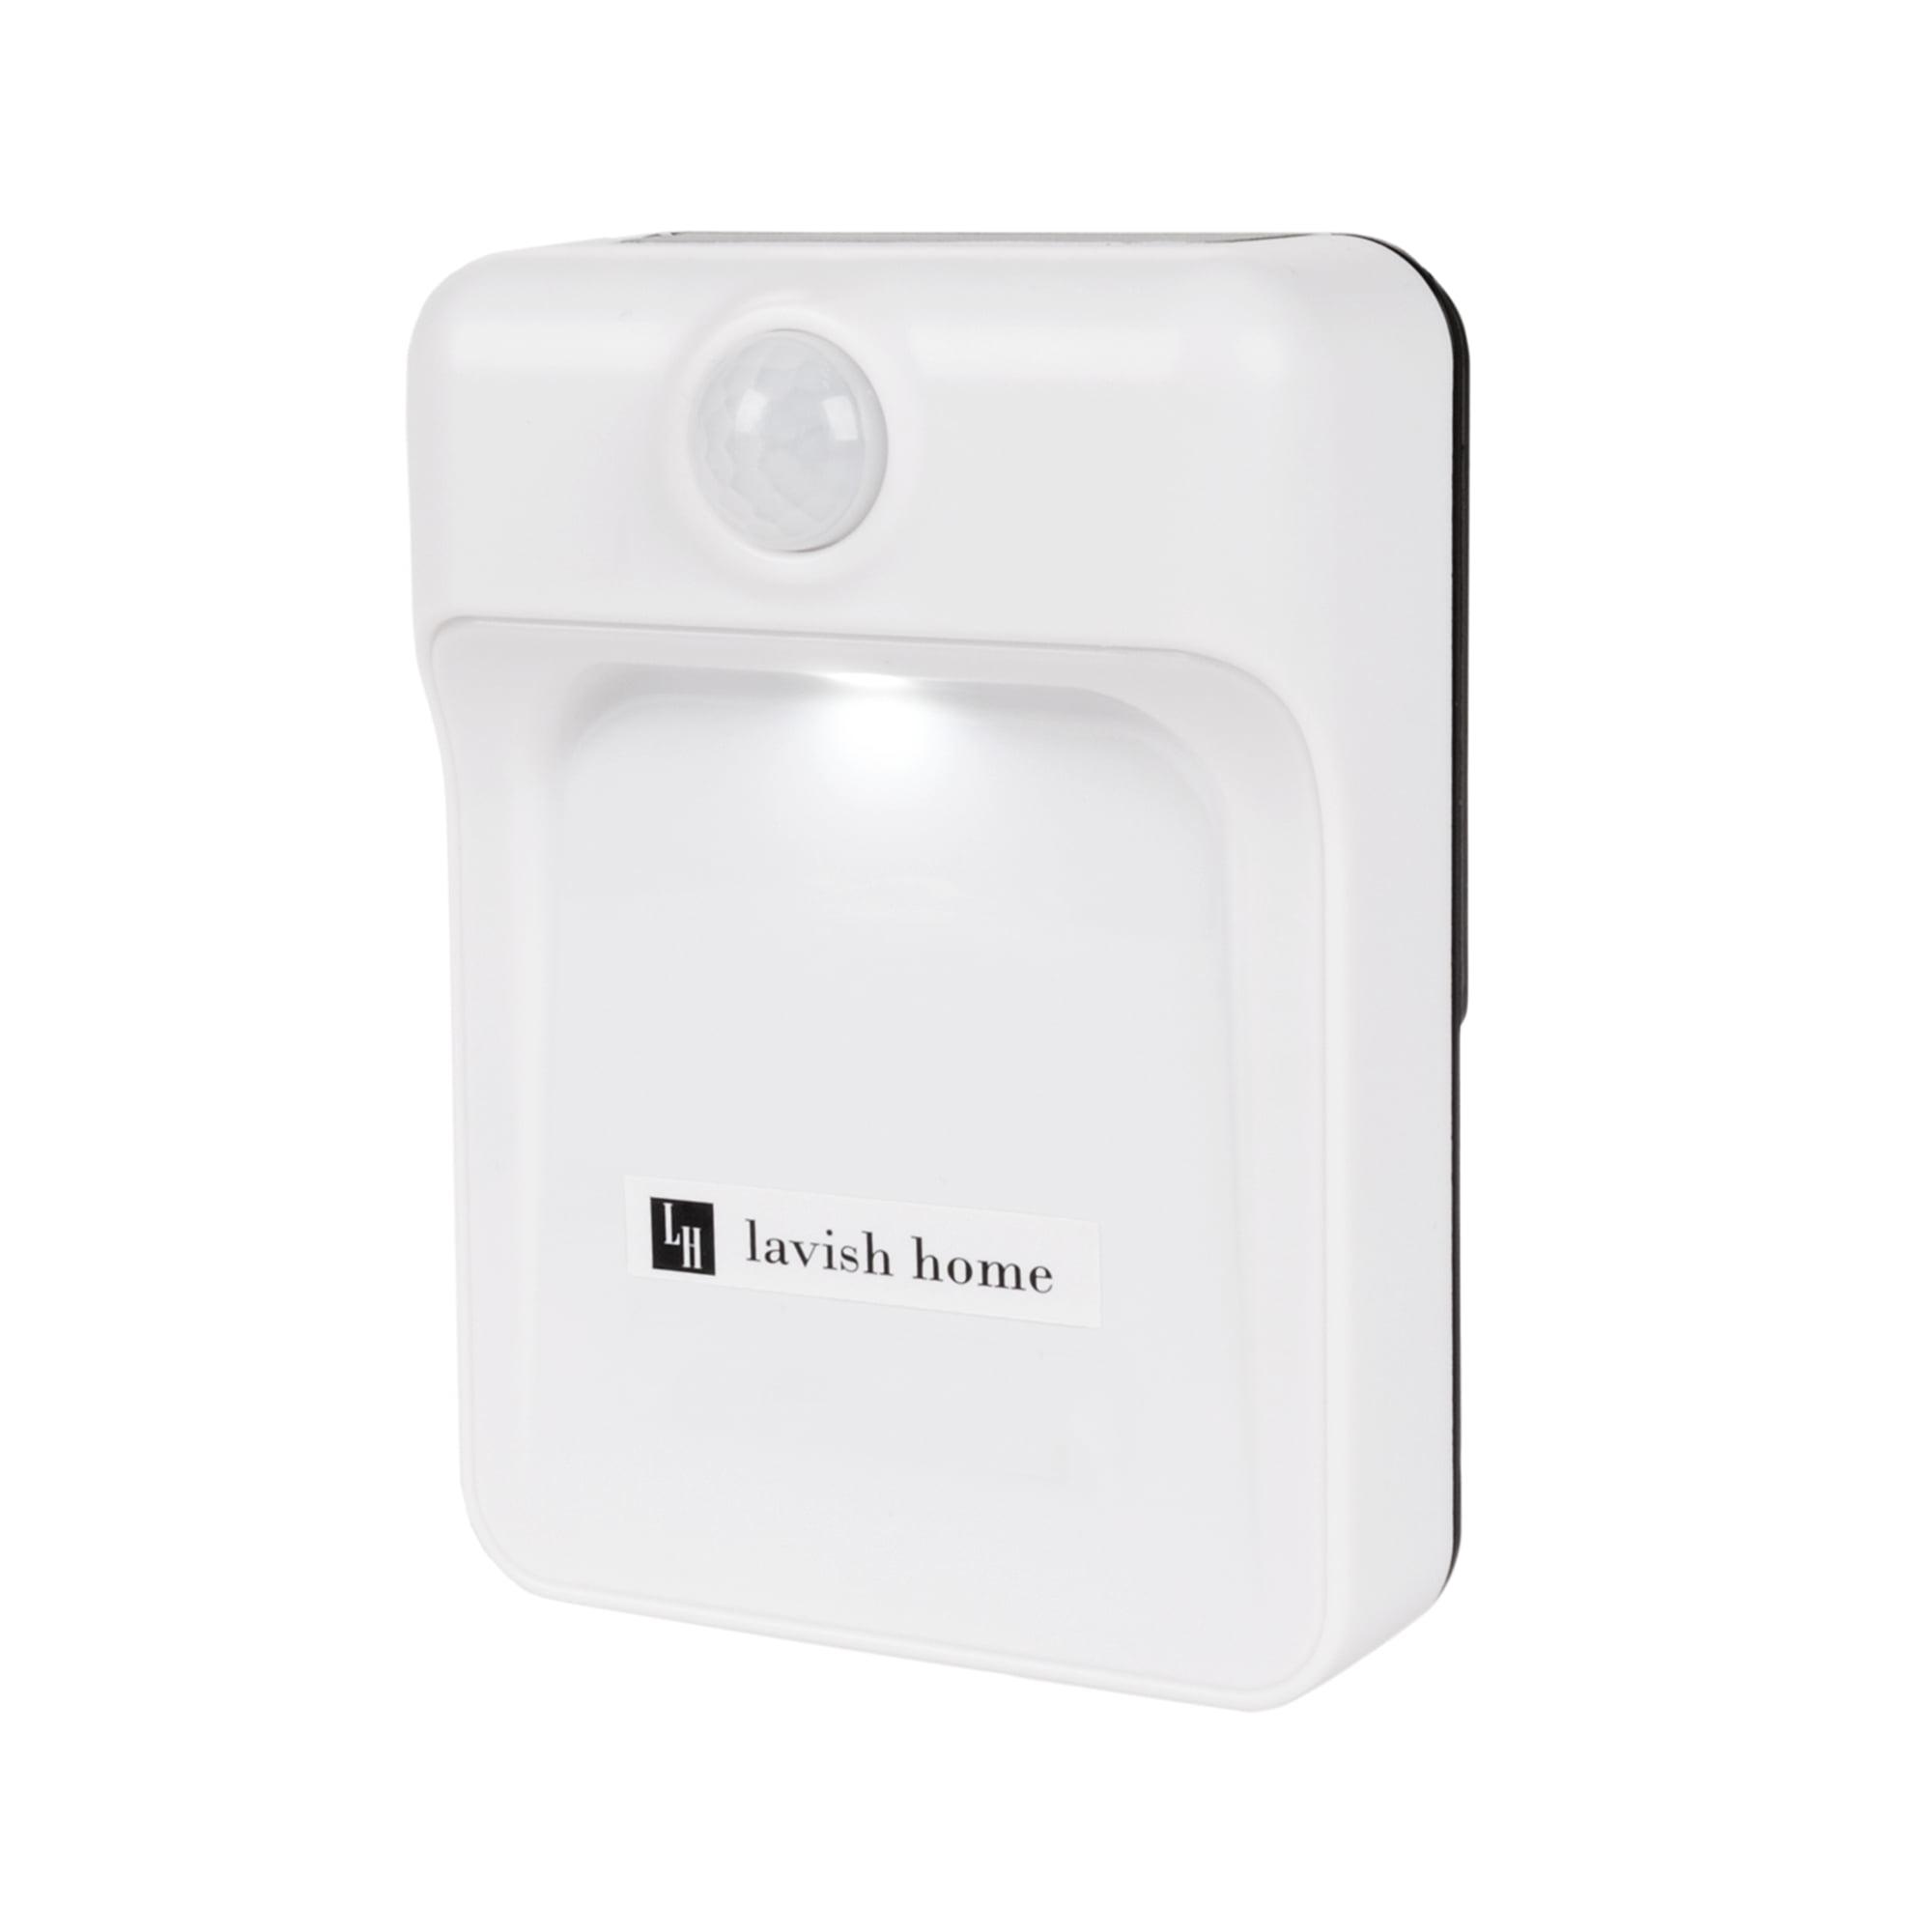 battery powered led motion sensor indoor night light by lavish home. Black Bedroom Furniture Sets. Home Design Ideas